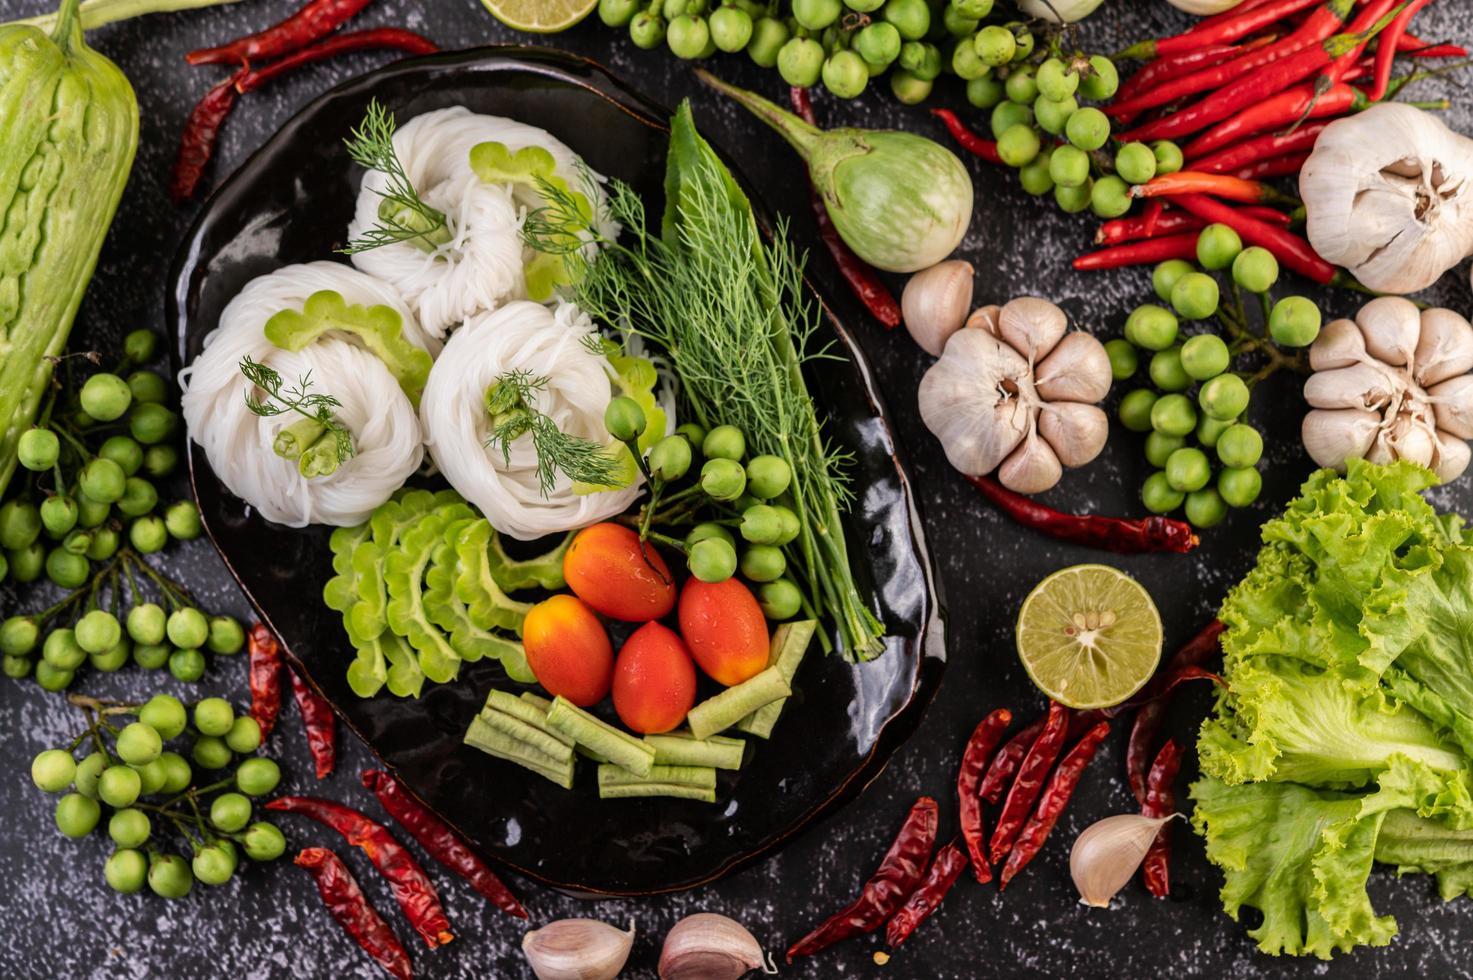 nouilles de riz aux haricots, tomates, melon et piments photo